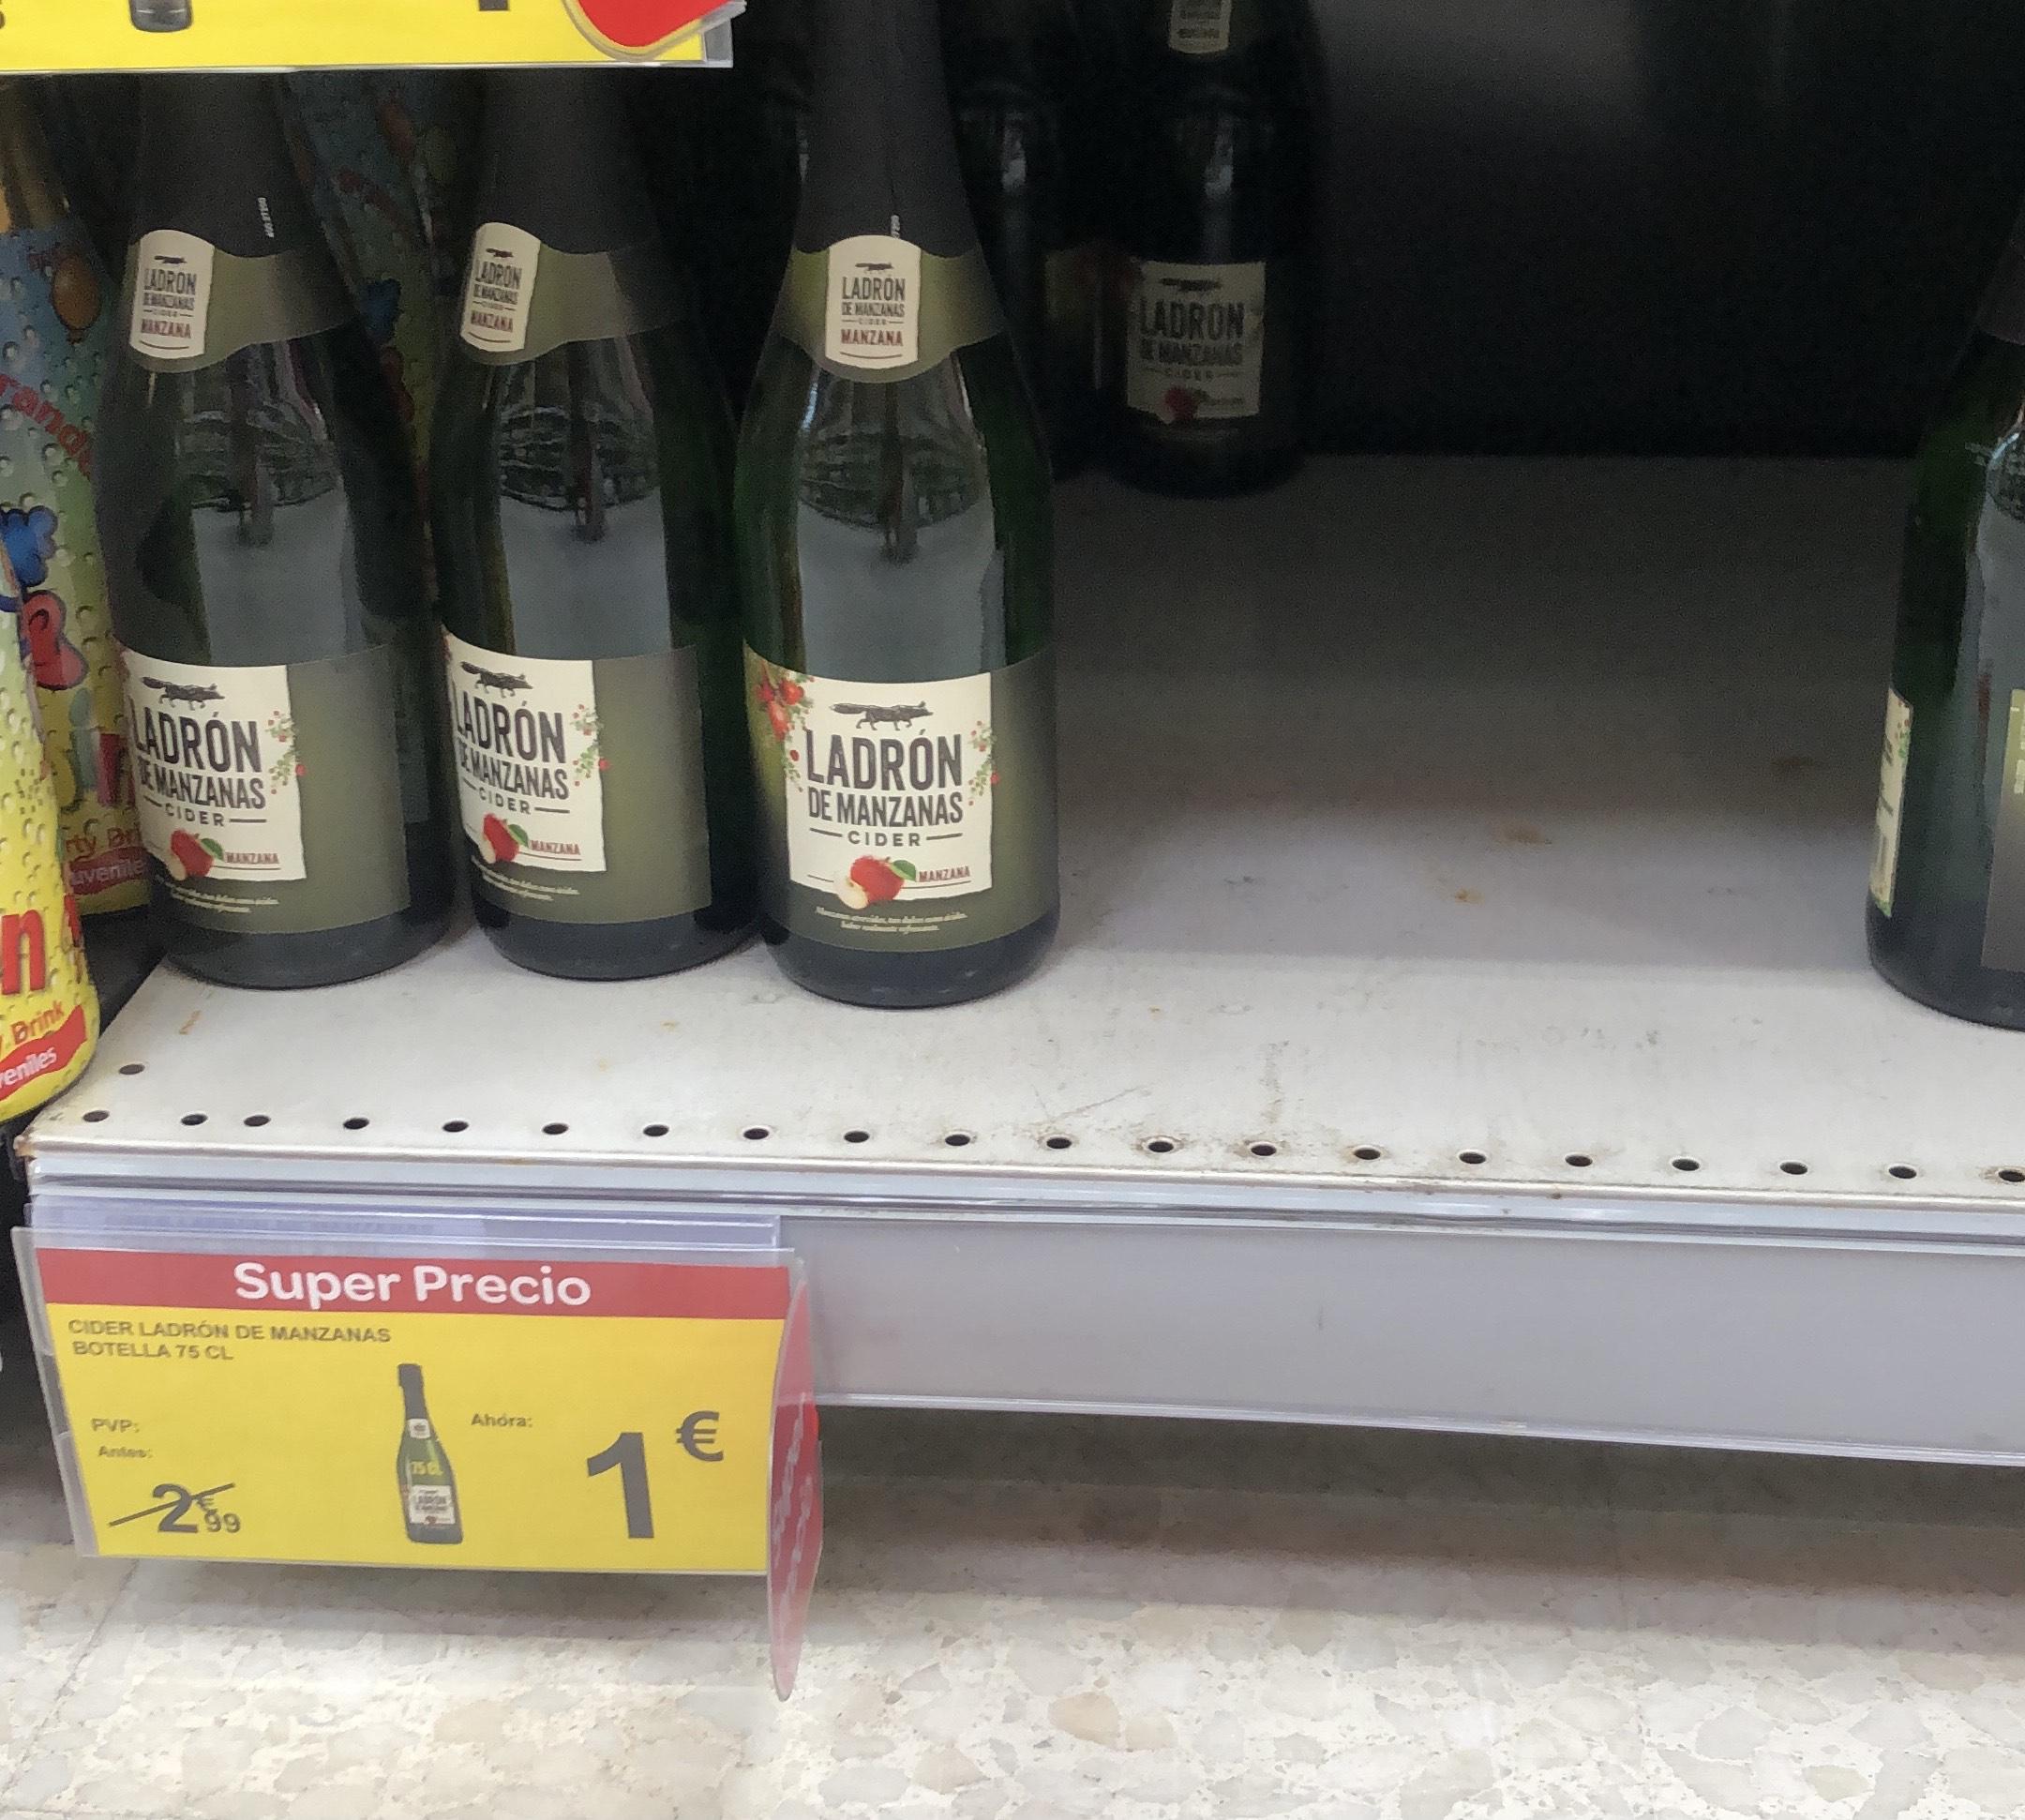 Ladrón de manzana 75cl. Carrefour (Ciudad de la Imagen)